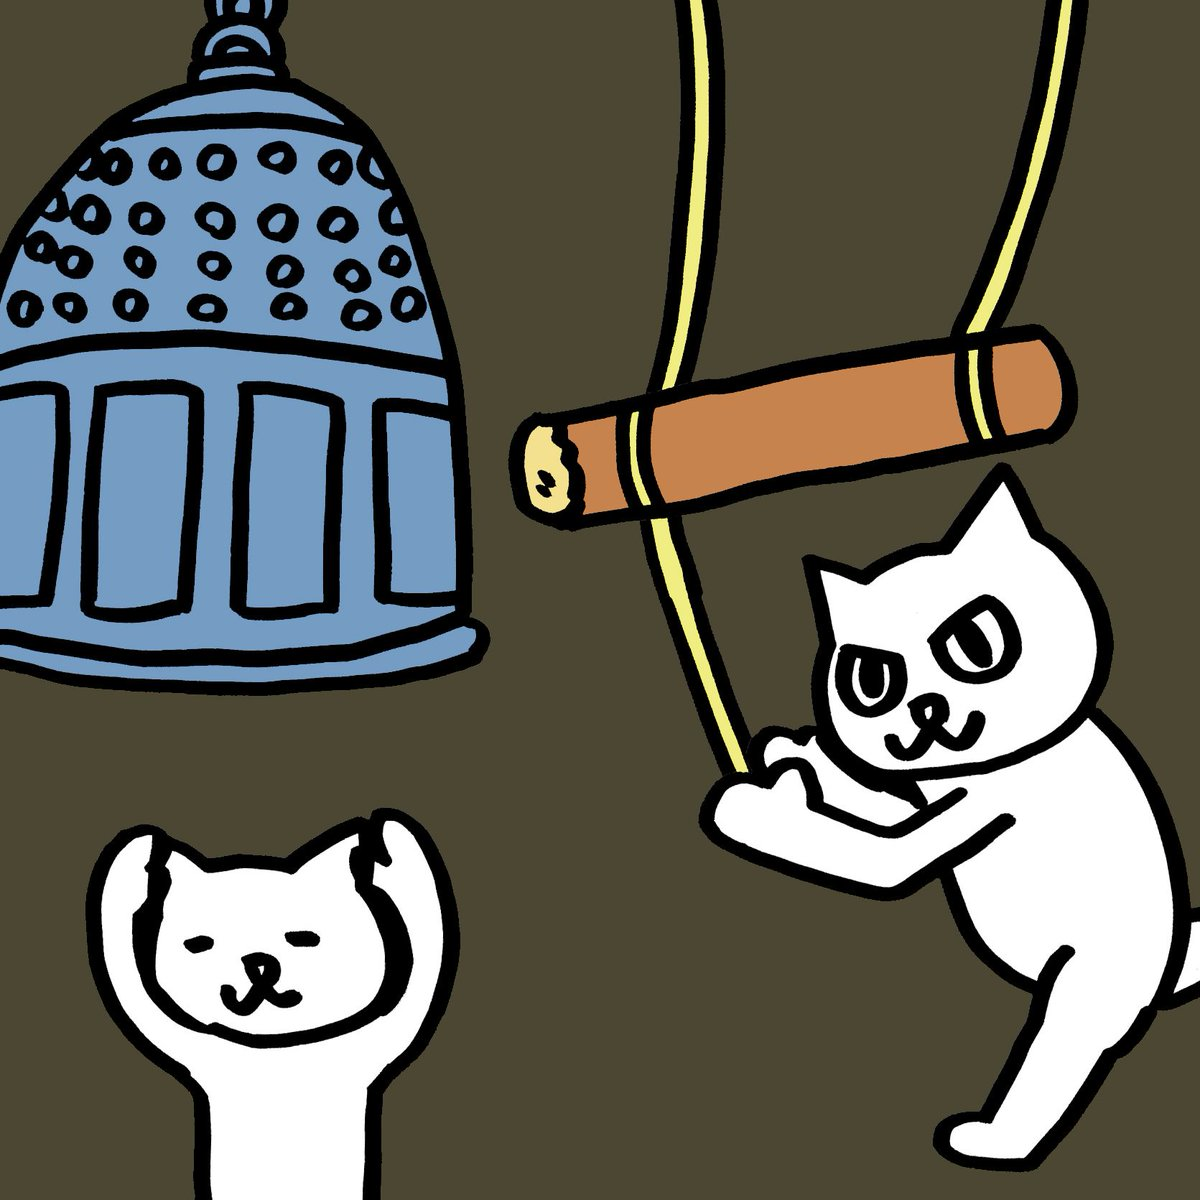 あの鐘を鳴らすのは ねこ。 #大晦日 https://t.co/gWtPkeSCme